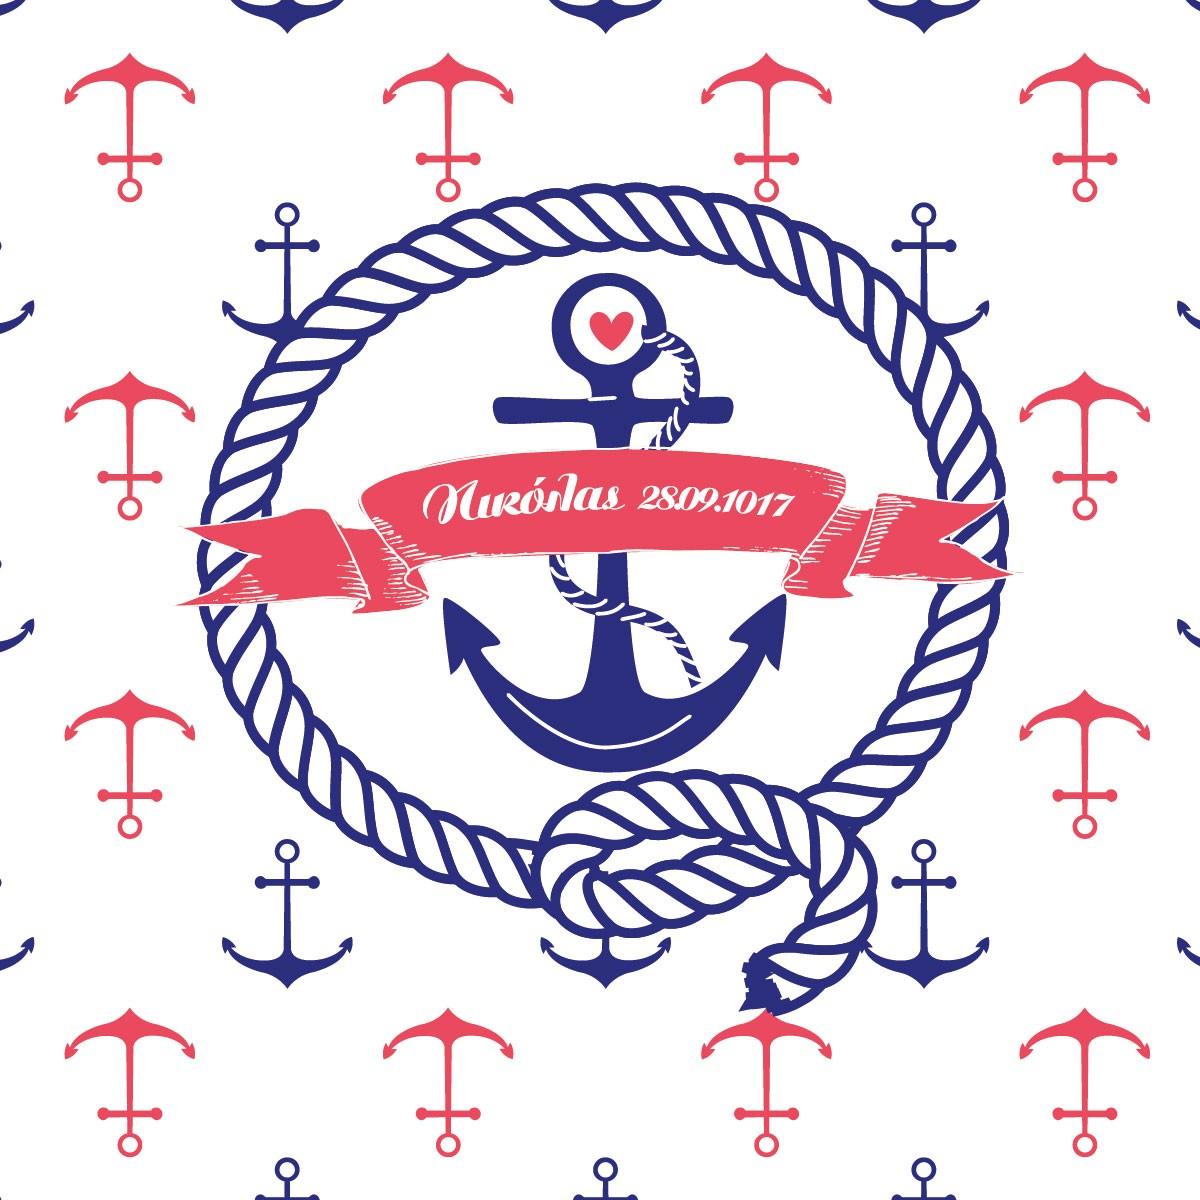 Ναυτικό μοτίβο